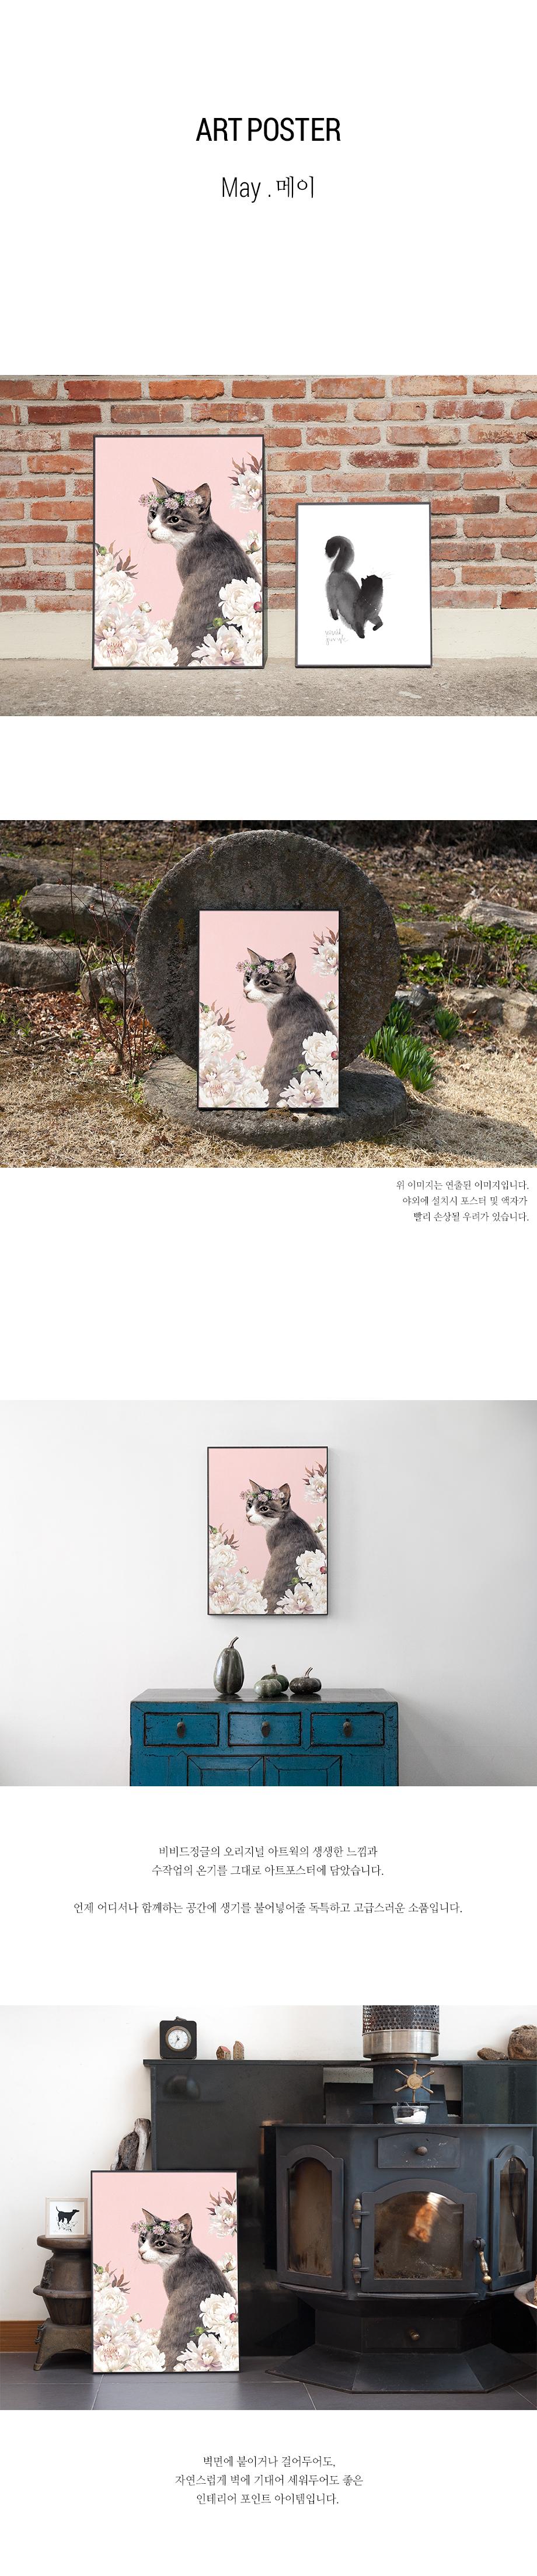 고양이 메이 아트 포스터35,000원-비비드정글인테리어, 액자/홈갤러리, 홈갤러리, 포스터바보사랑고양이 메이 아트 포스터35,000원-비비드정글인테리어, 액자/홈갤러리, 홈갤러리, 포스터바보사랑